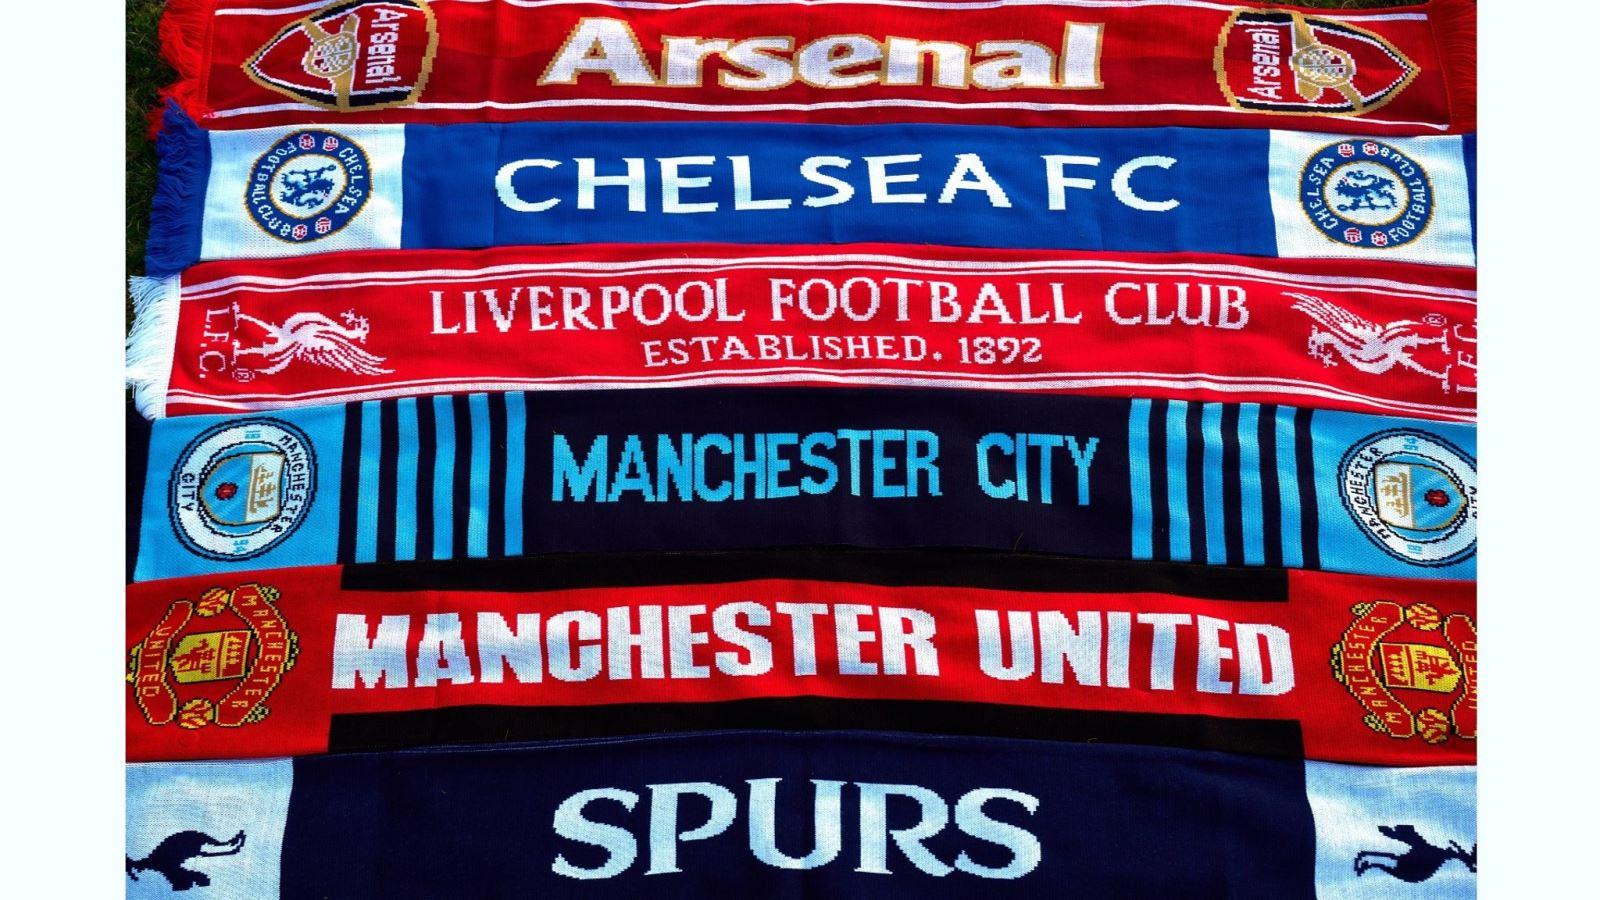 Super League, Super League bị hoãn, Super League tạm hoãn, 6 đội bóng Anh rút lui, MU, Man City, Arsenal, Chelsea, Liverpool, bong da hom nay, chủ tịch Real, NBA